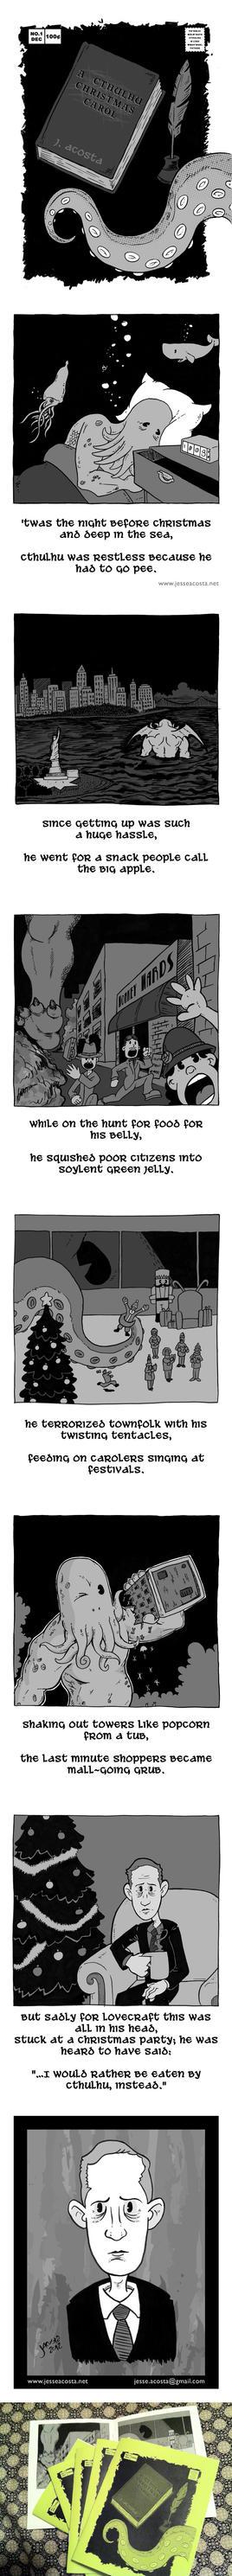 A Cthulhu Christmas Carol minicomic by JesseAcosta